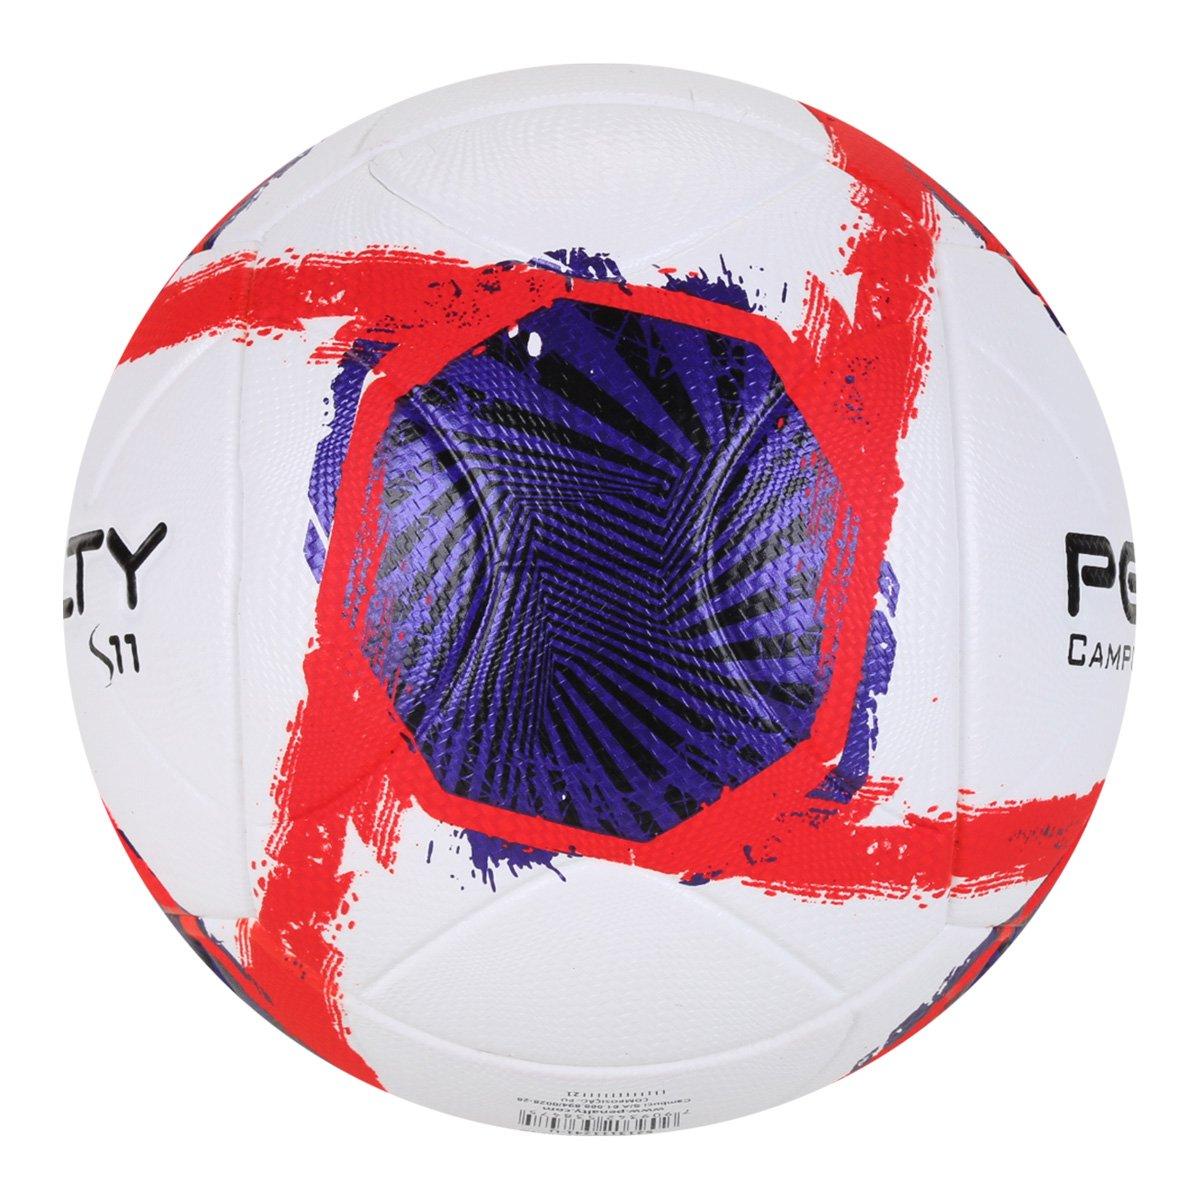 Bola de Futebol Campo Penalty S11 - Branco e Roxo